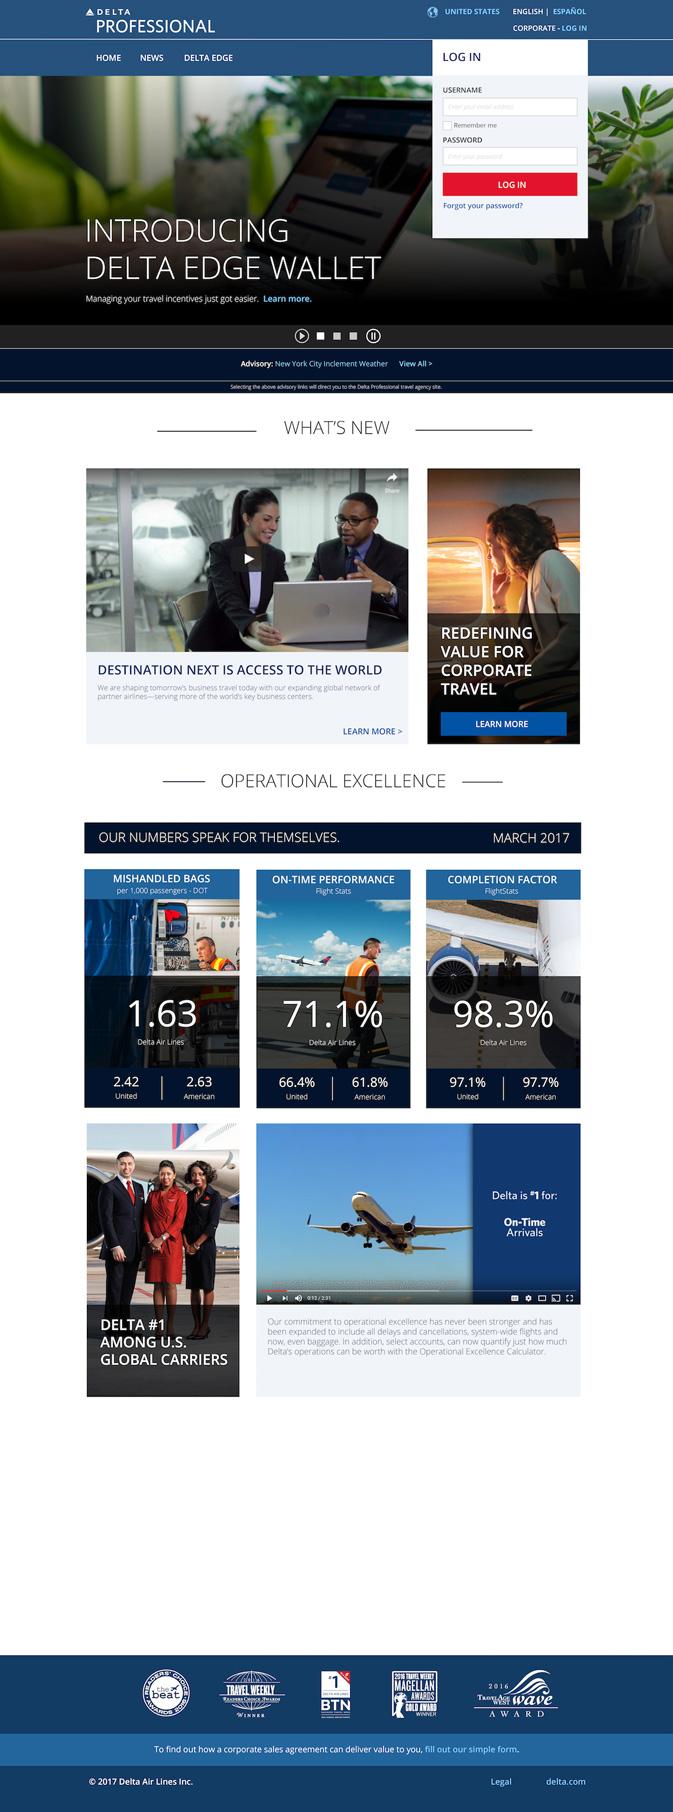 Incentive tool Delta Edge Wallet now live at Delta Professional agent portal